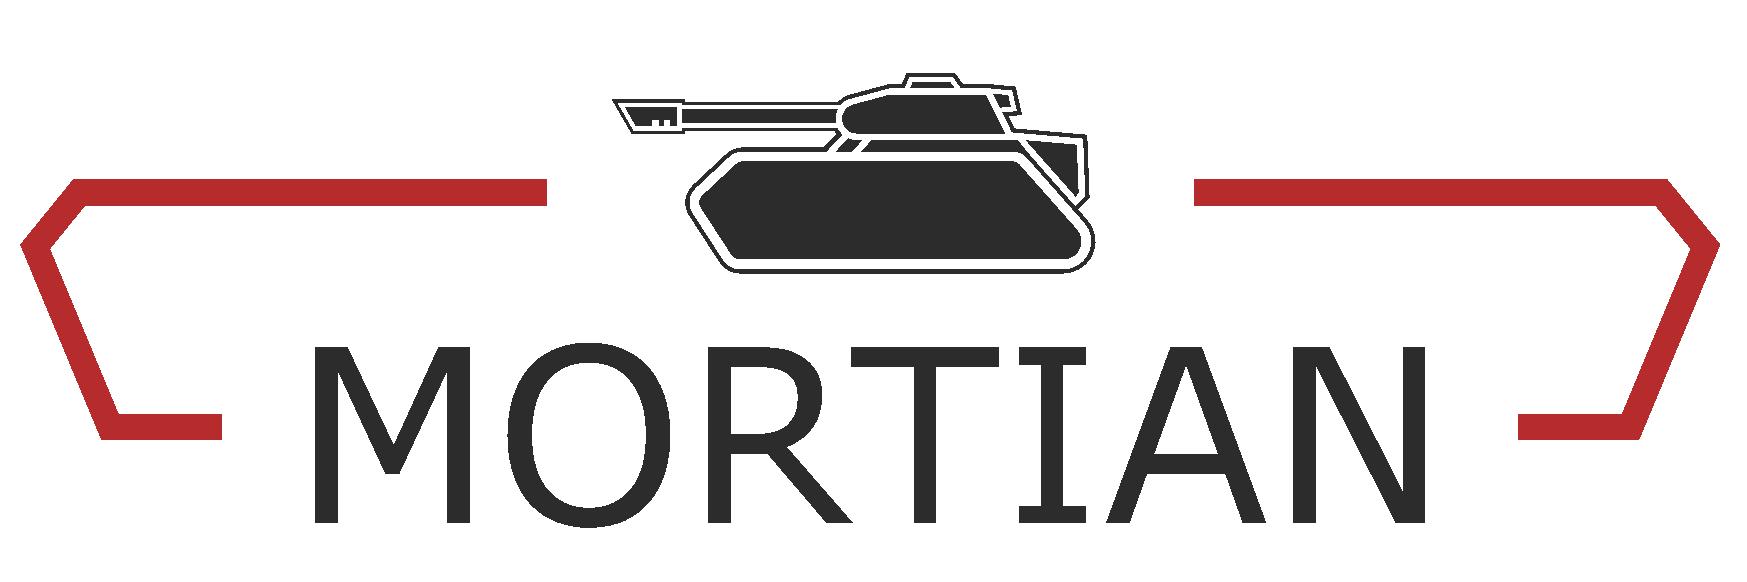 Mortian